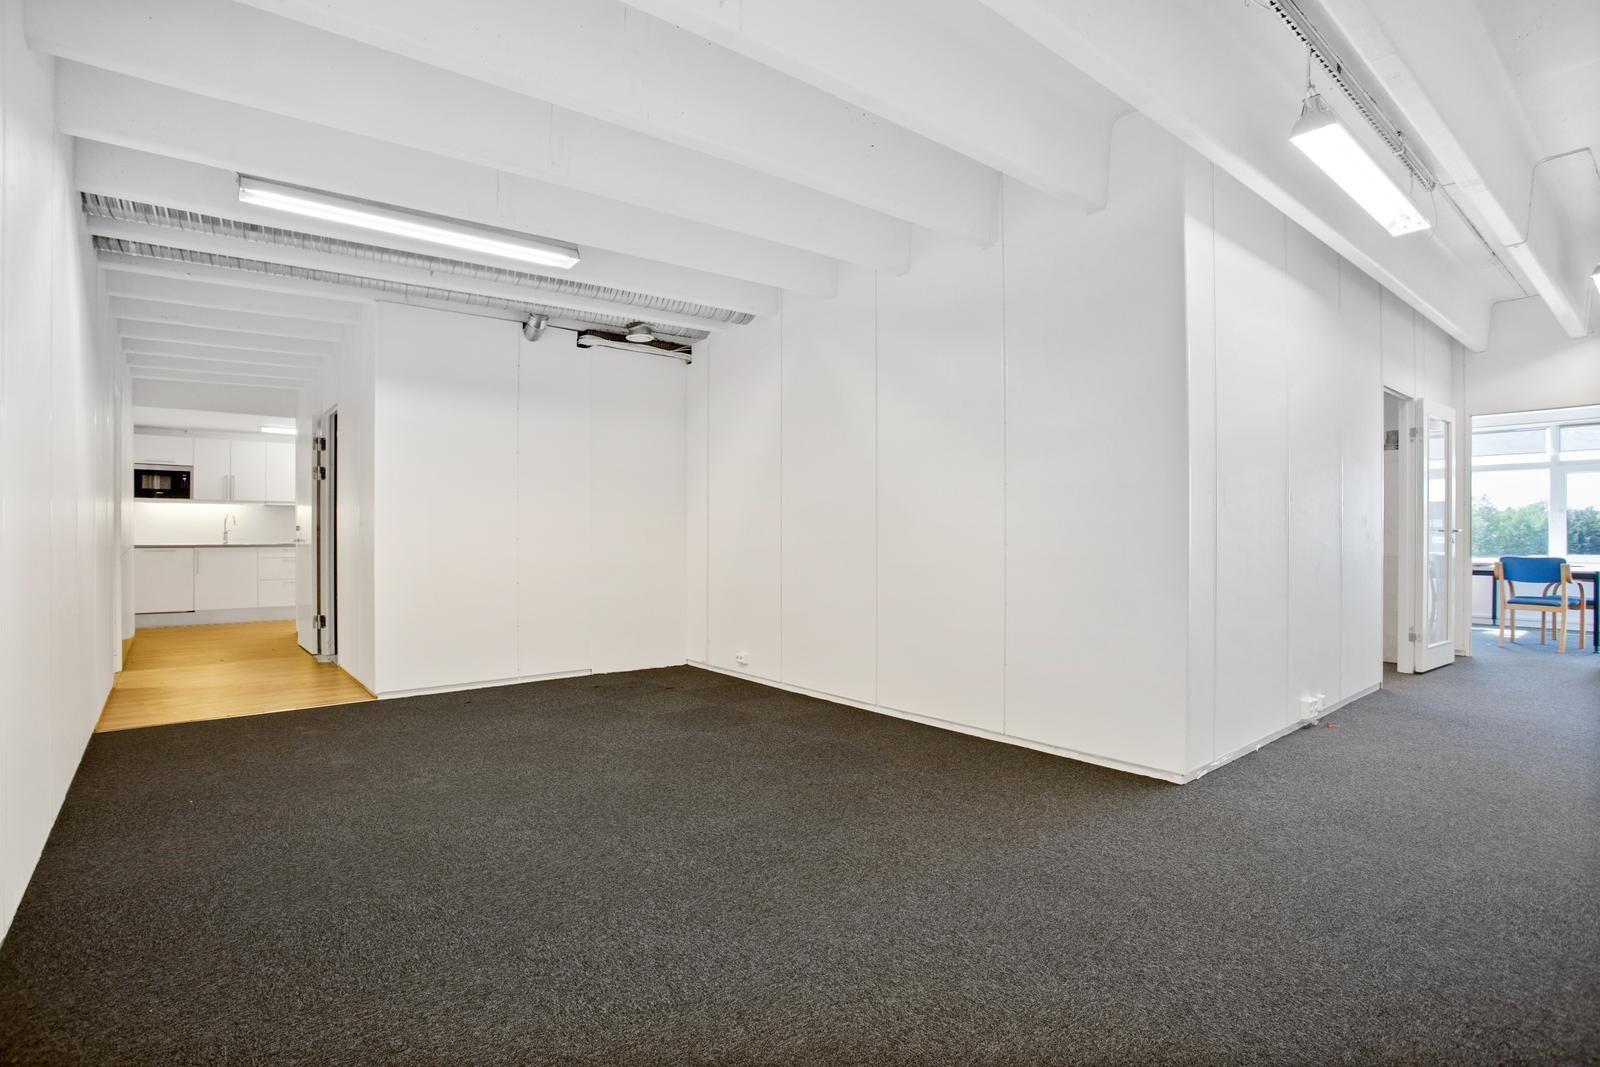 Deler av lokalet er i dag åpent landskap